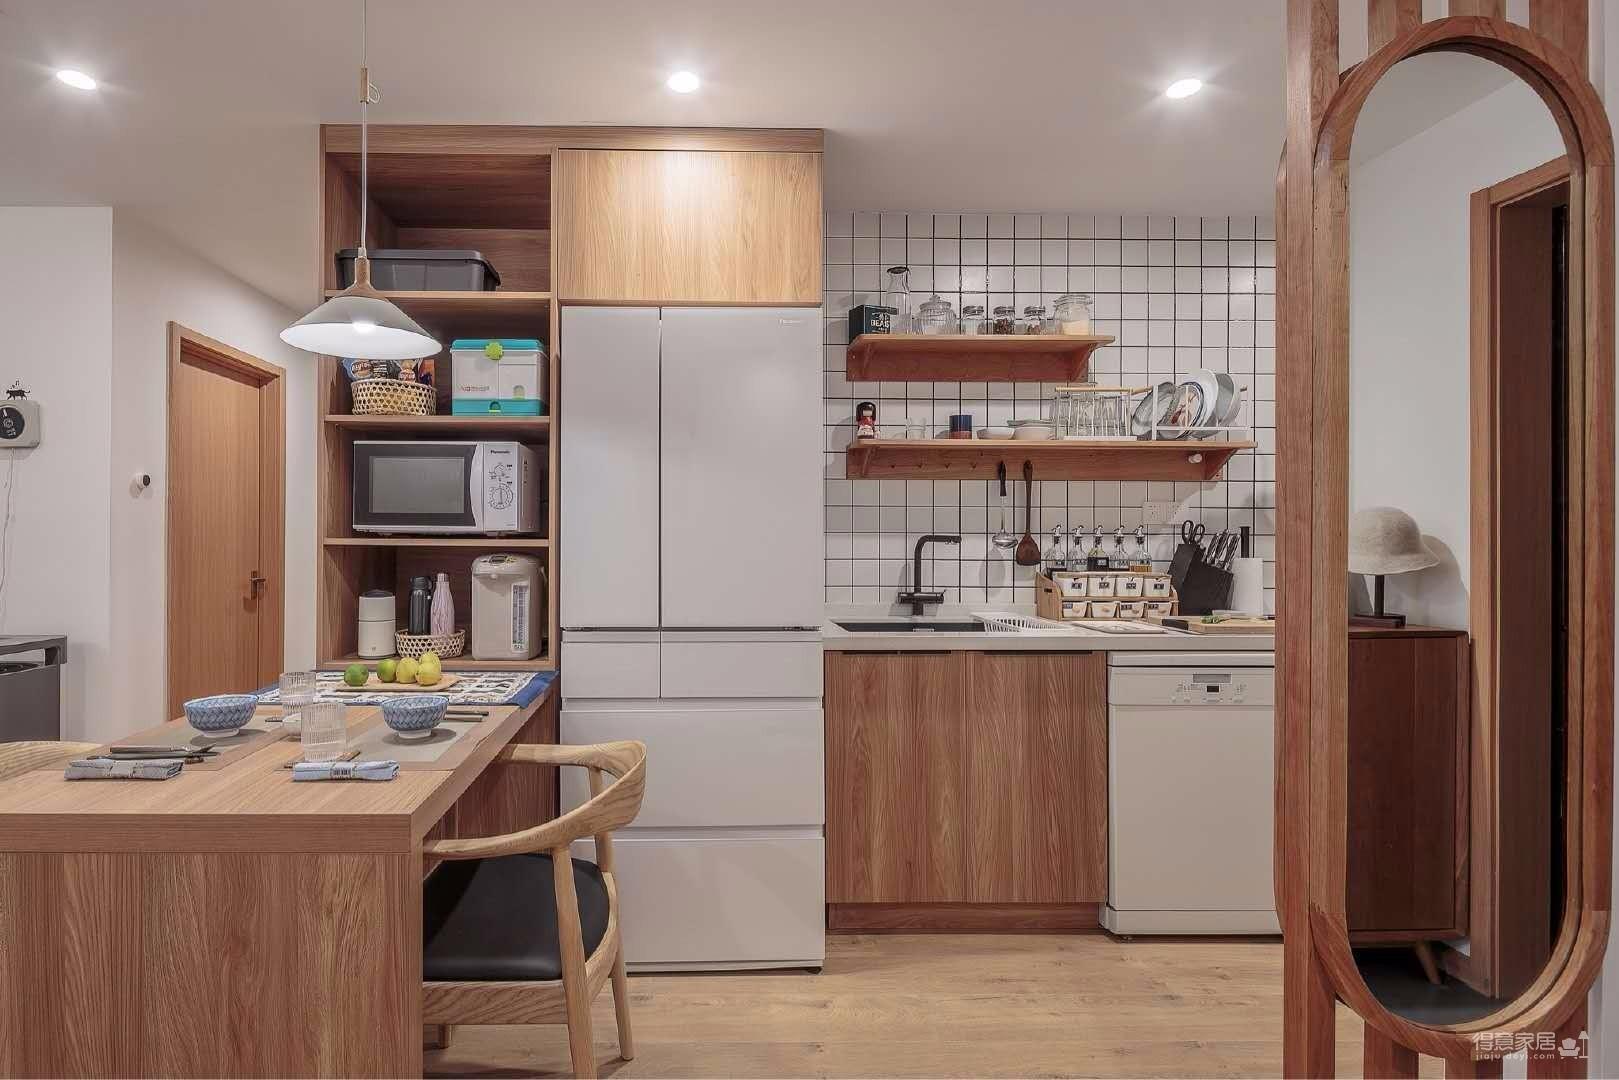 日式风格家居设计作品,大量原木色调的家具搭配充满了温暖的味道,尺寸方面的细节做得极致。